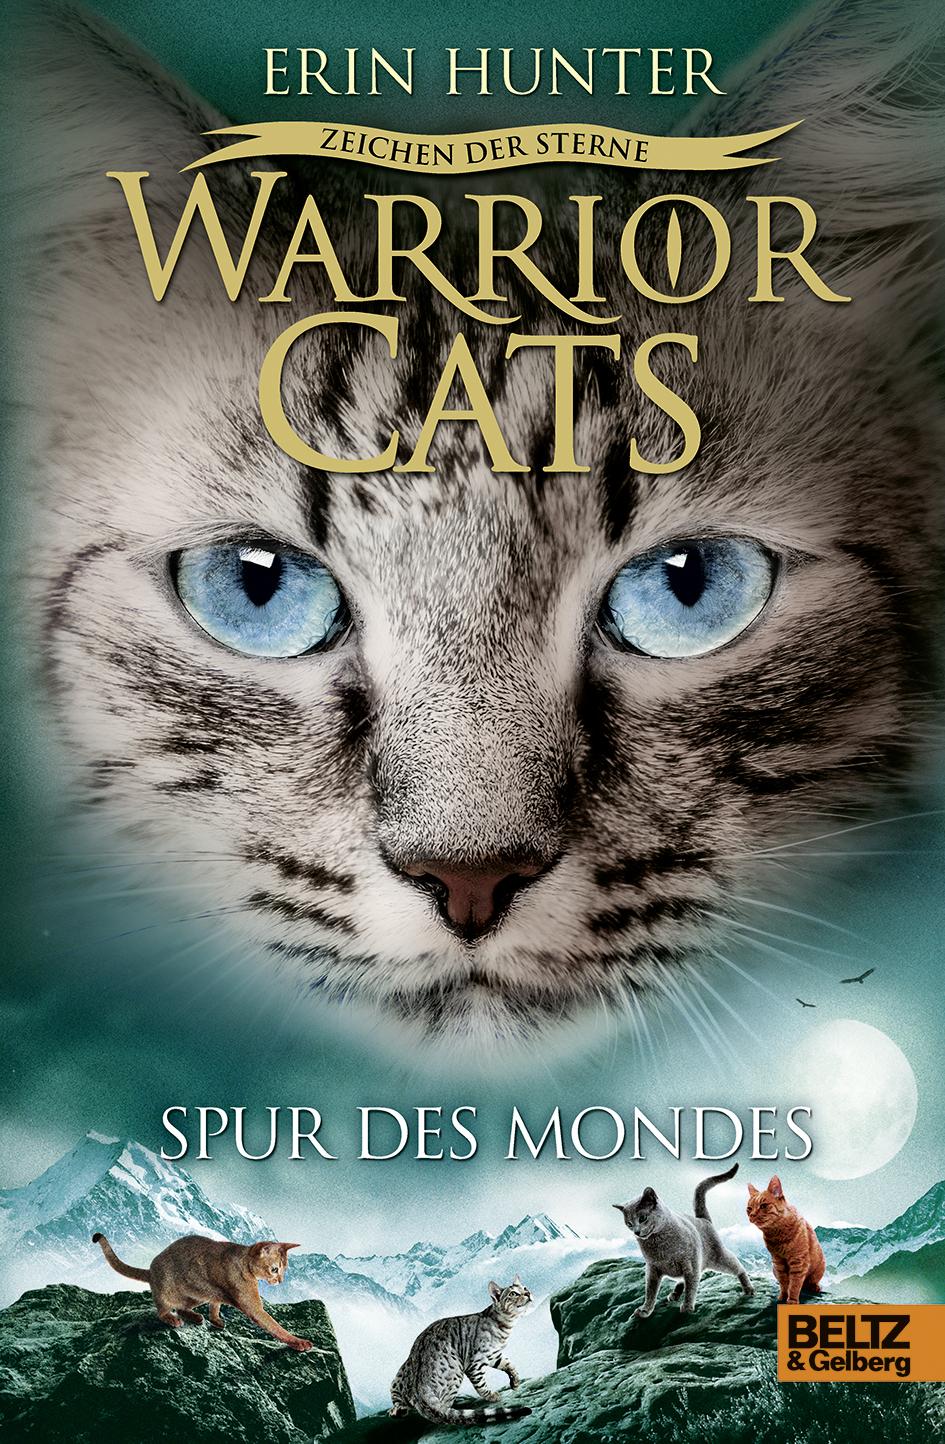 Erin Hunter Warrior Cats Staffel 4//04 Zeichen der Sterne Spur des Mondes